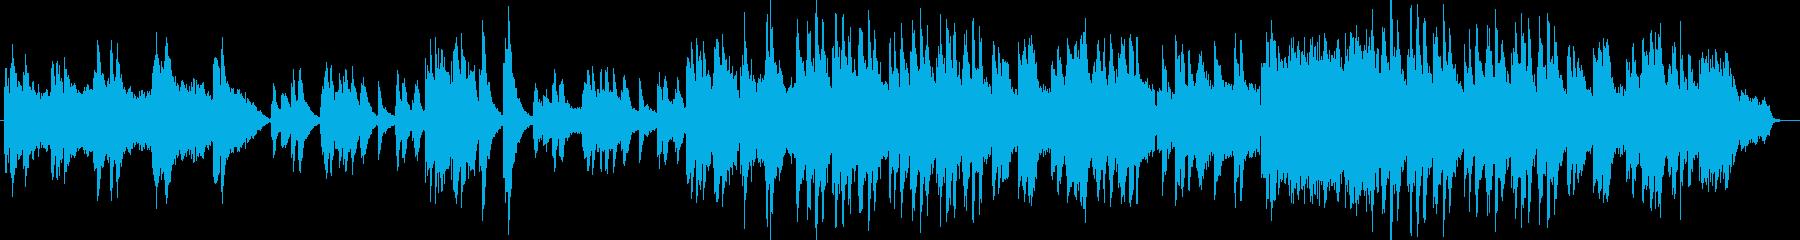 感動的でスローテンポなピアノの楽曲の再生済みの波形